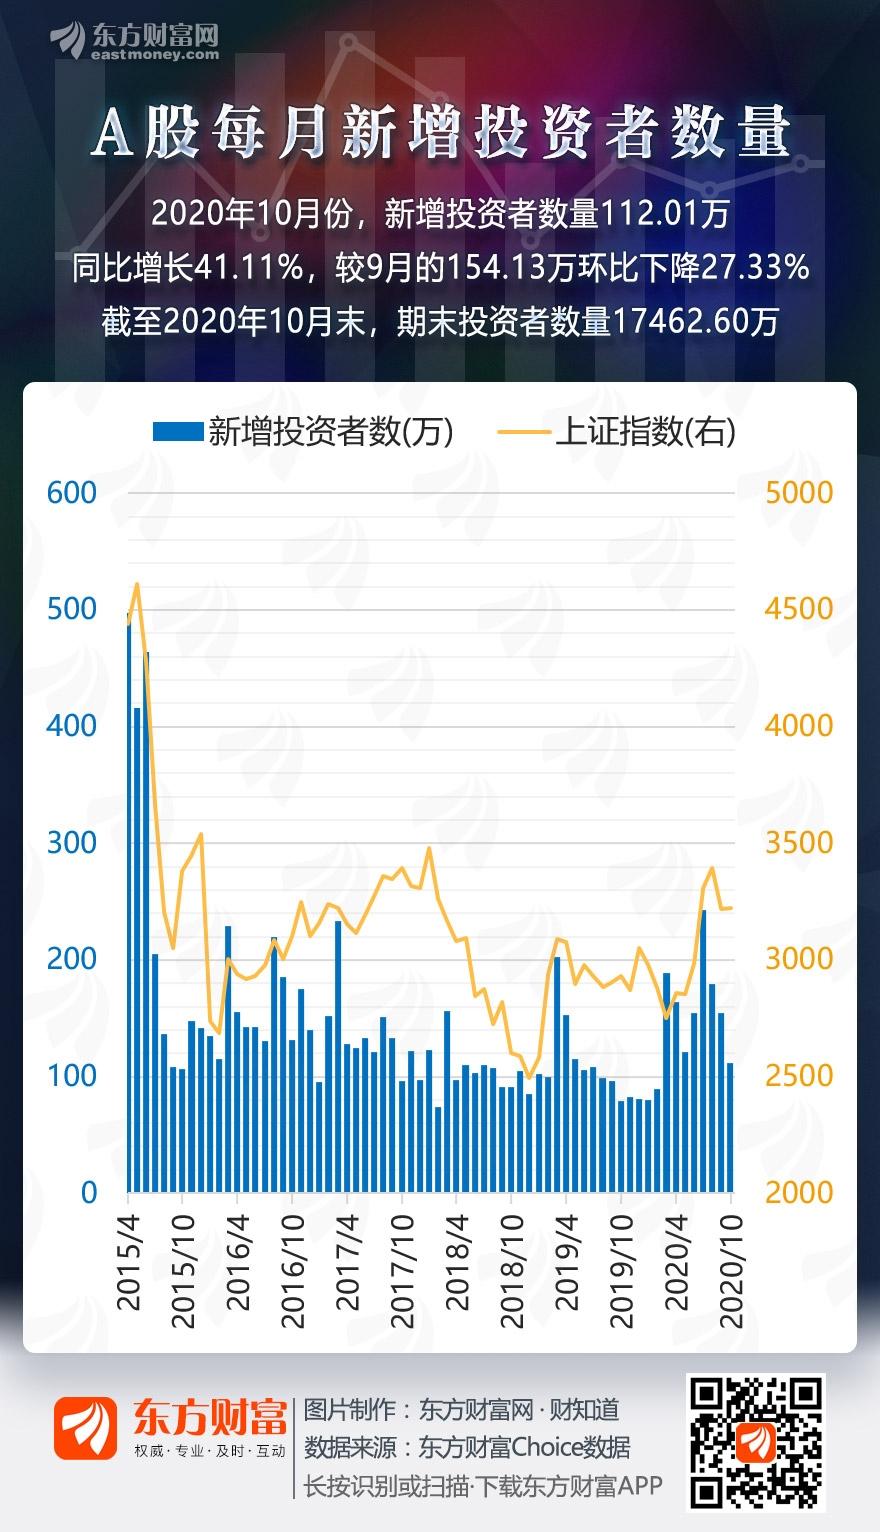 图说:A股10月新增投资者112.01万_同比增长41.11%